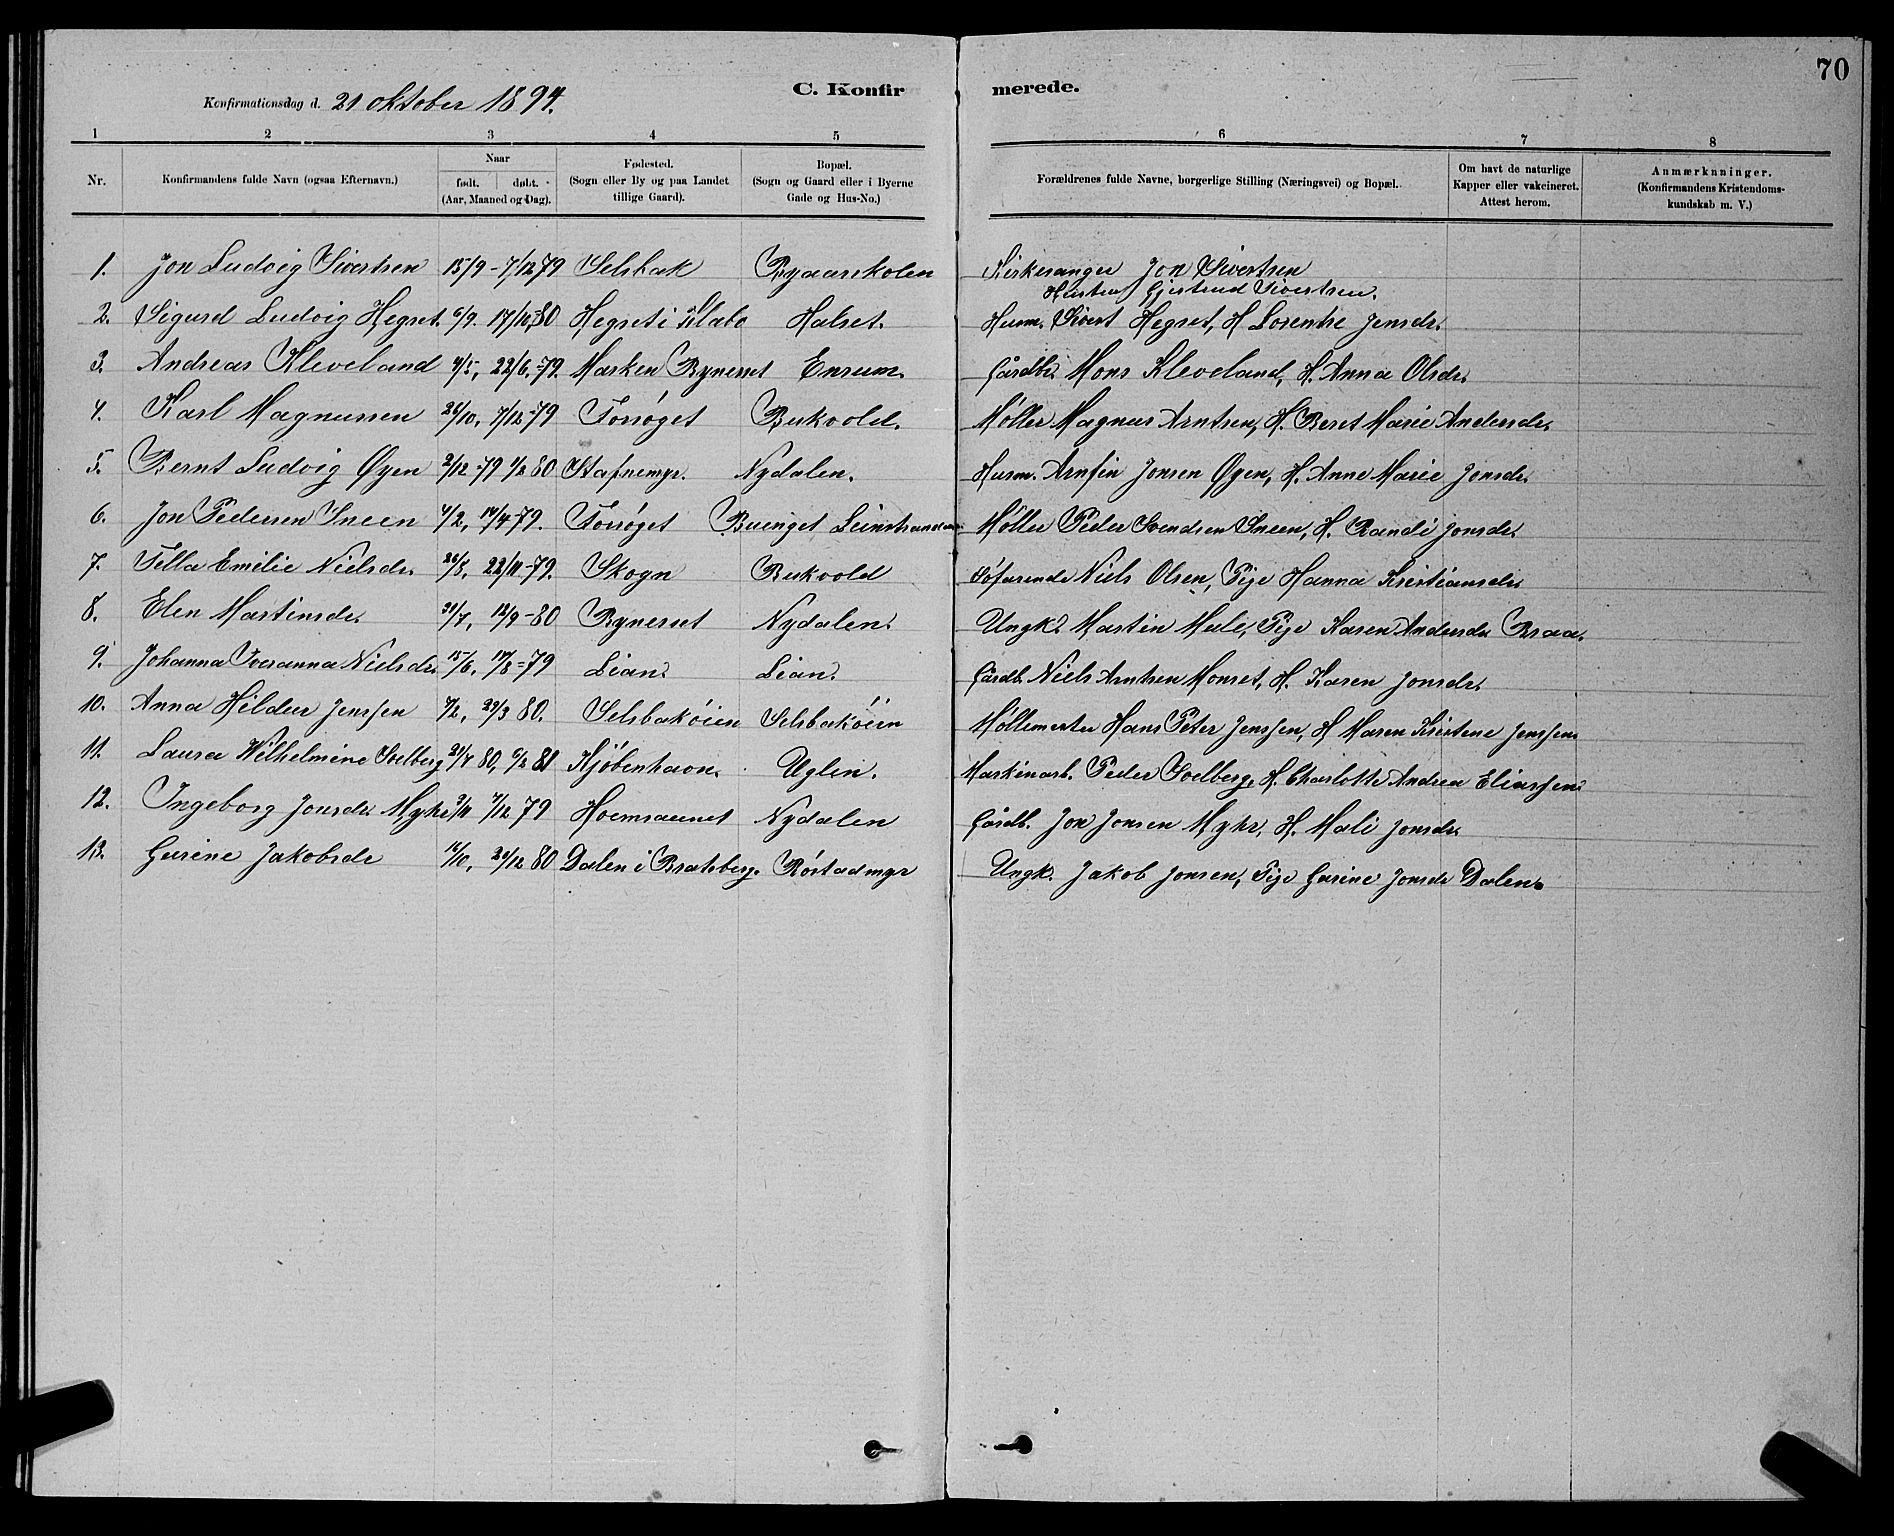 SAT, Ministerialprotokoller, klokkerbøker og fødselsregistre - Sør-Trøndelag, 611/L0354: Klokkerbok nr. 611C02, 1881-1896, s. 70